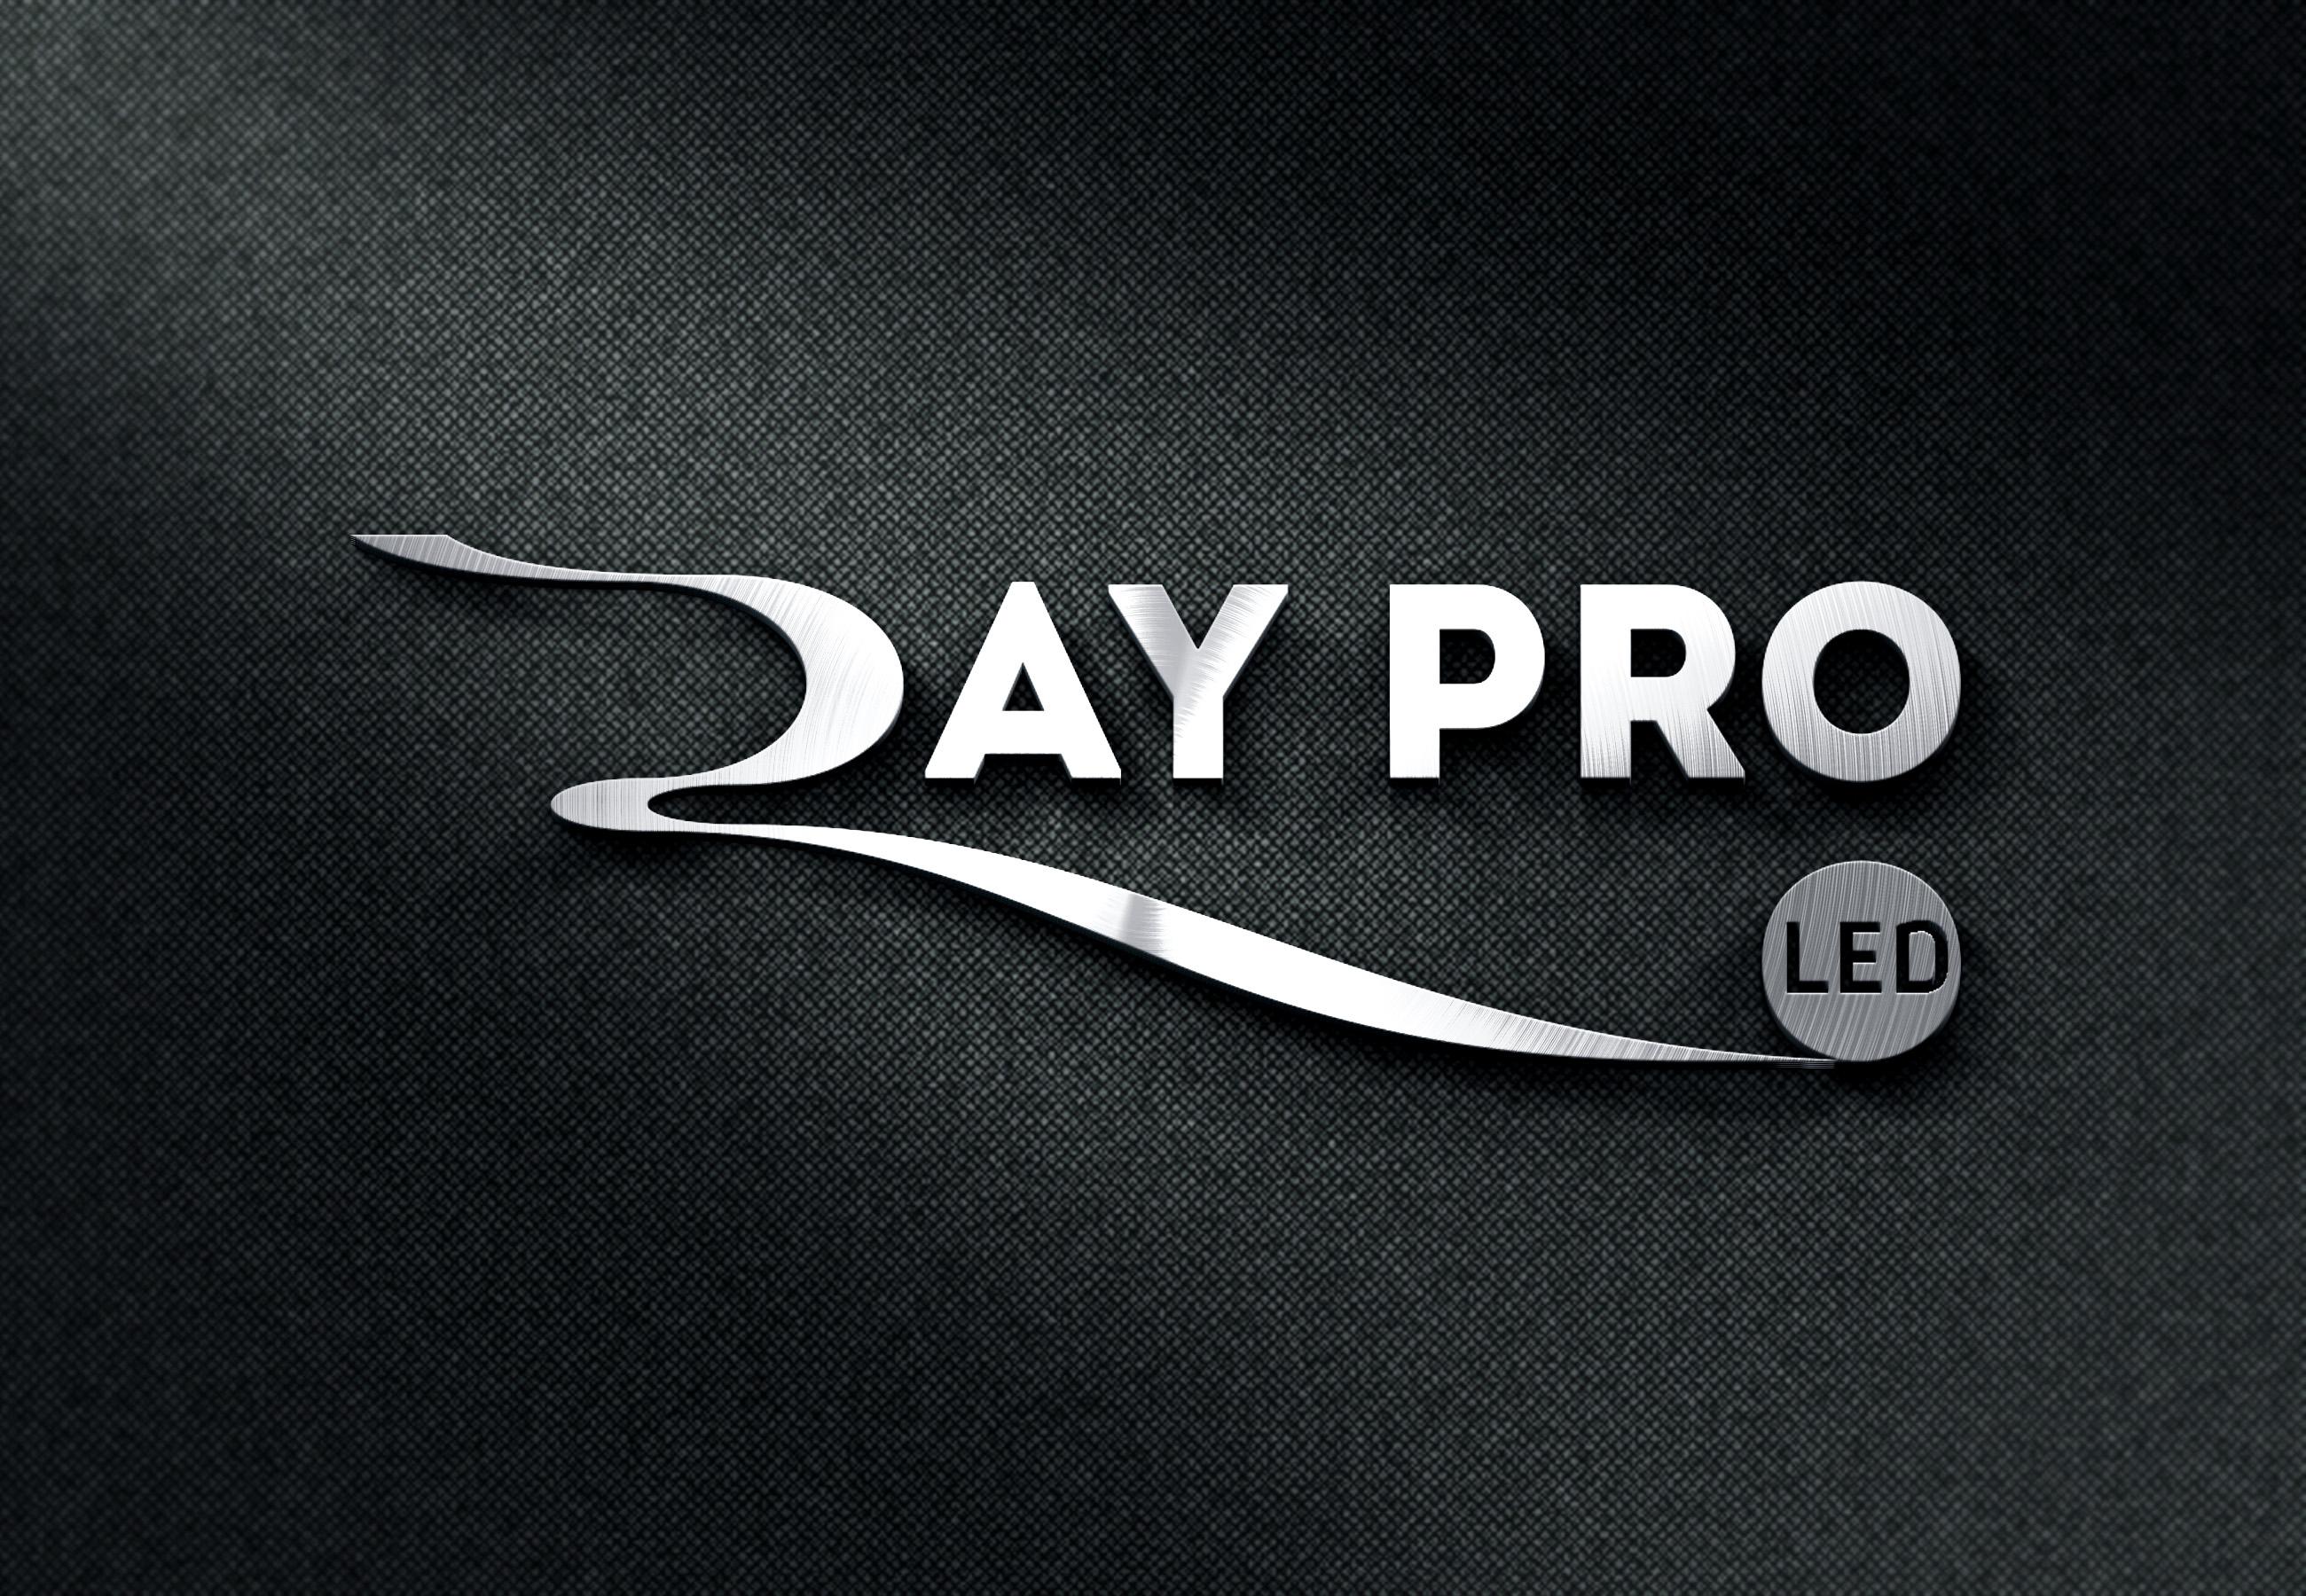 Разработка логотипа (продукт - светодиодная лента) фото f_6505bc0732d4a769.jpg